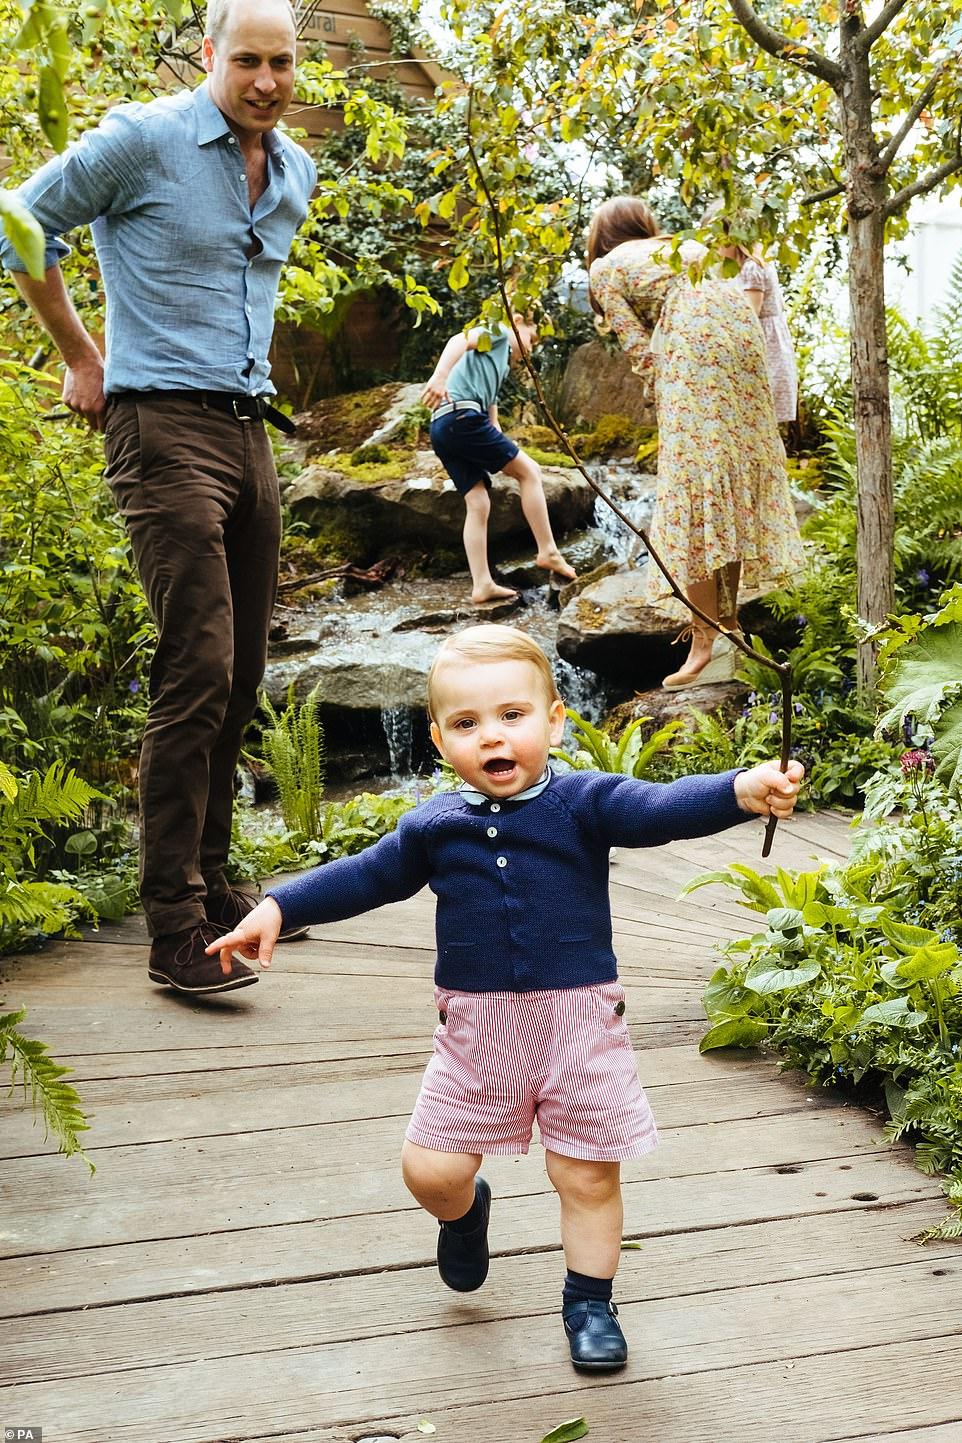 Η Κέιτ Μίντλετον ξεναγεί τον σύζυγό της, πρίγκιπα Γουίλιαμ και τα παιδιά της στο κήπο που δημιούργησε με θέμα «Επιστροφή στην Φύση»